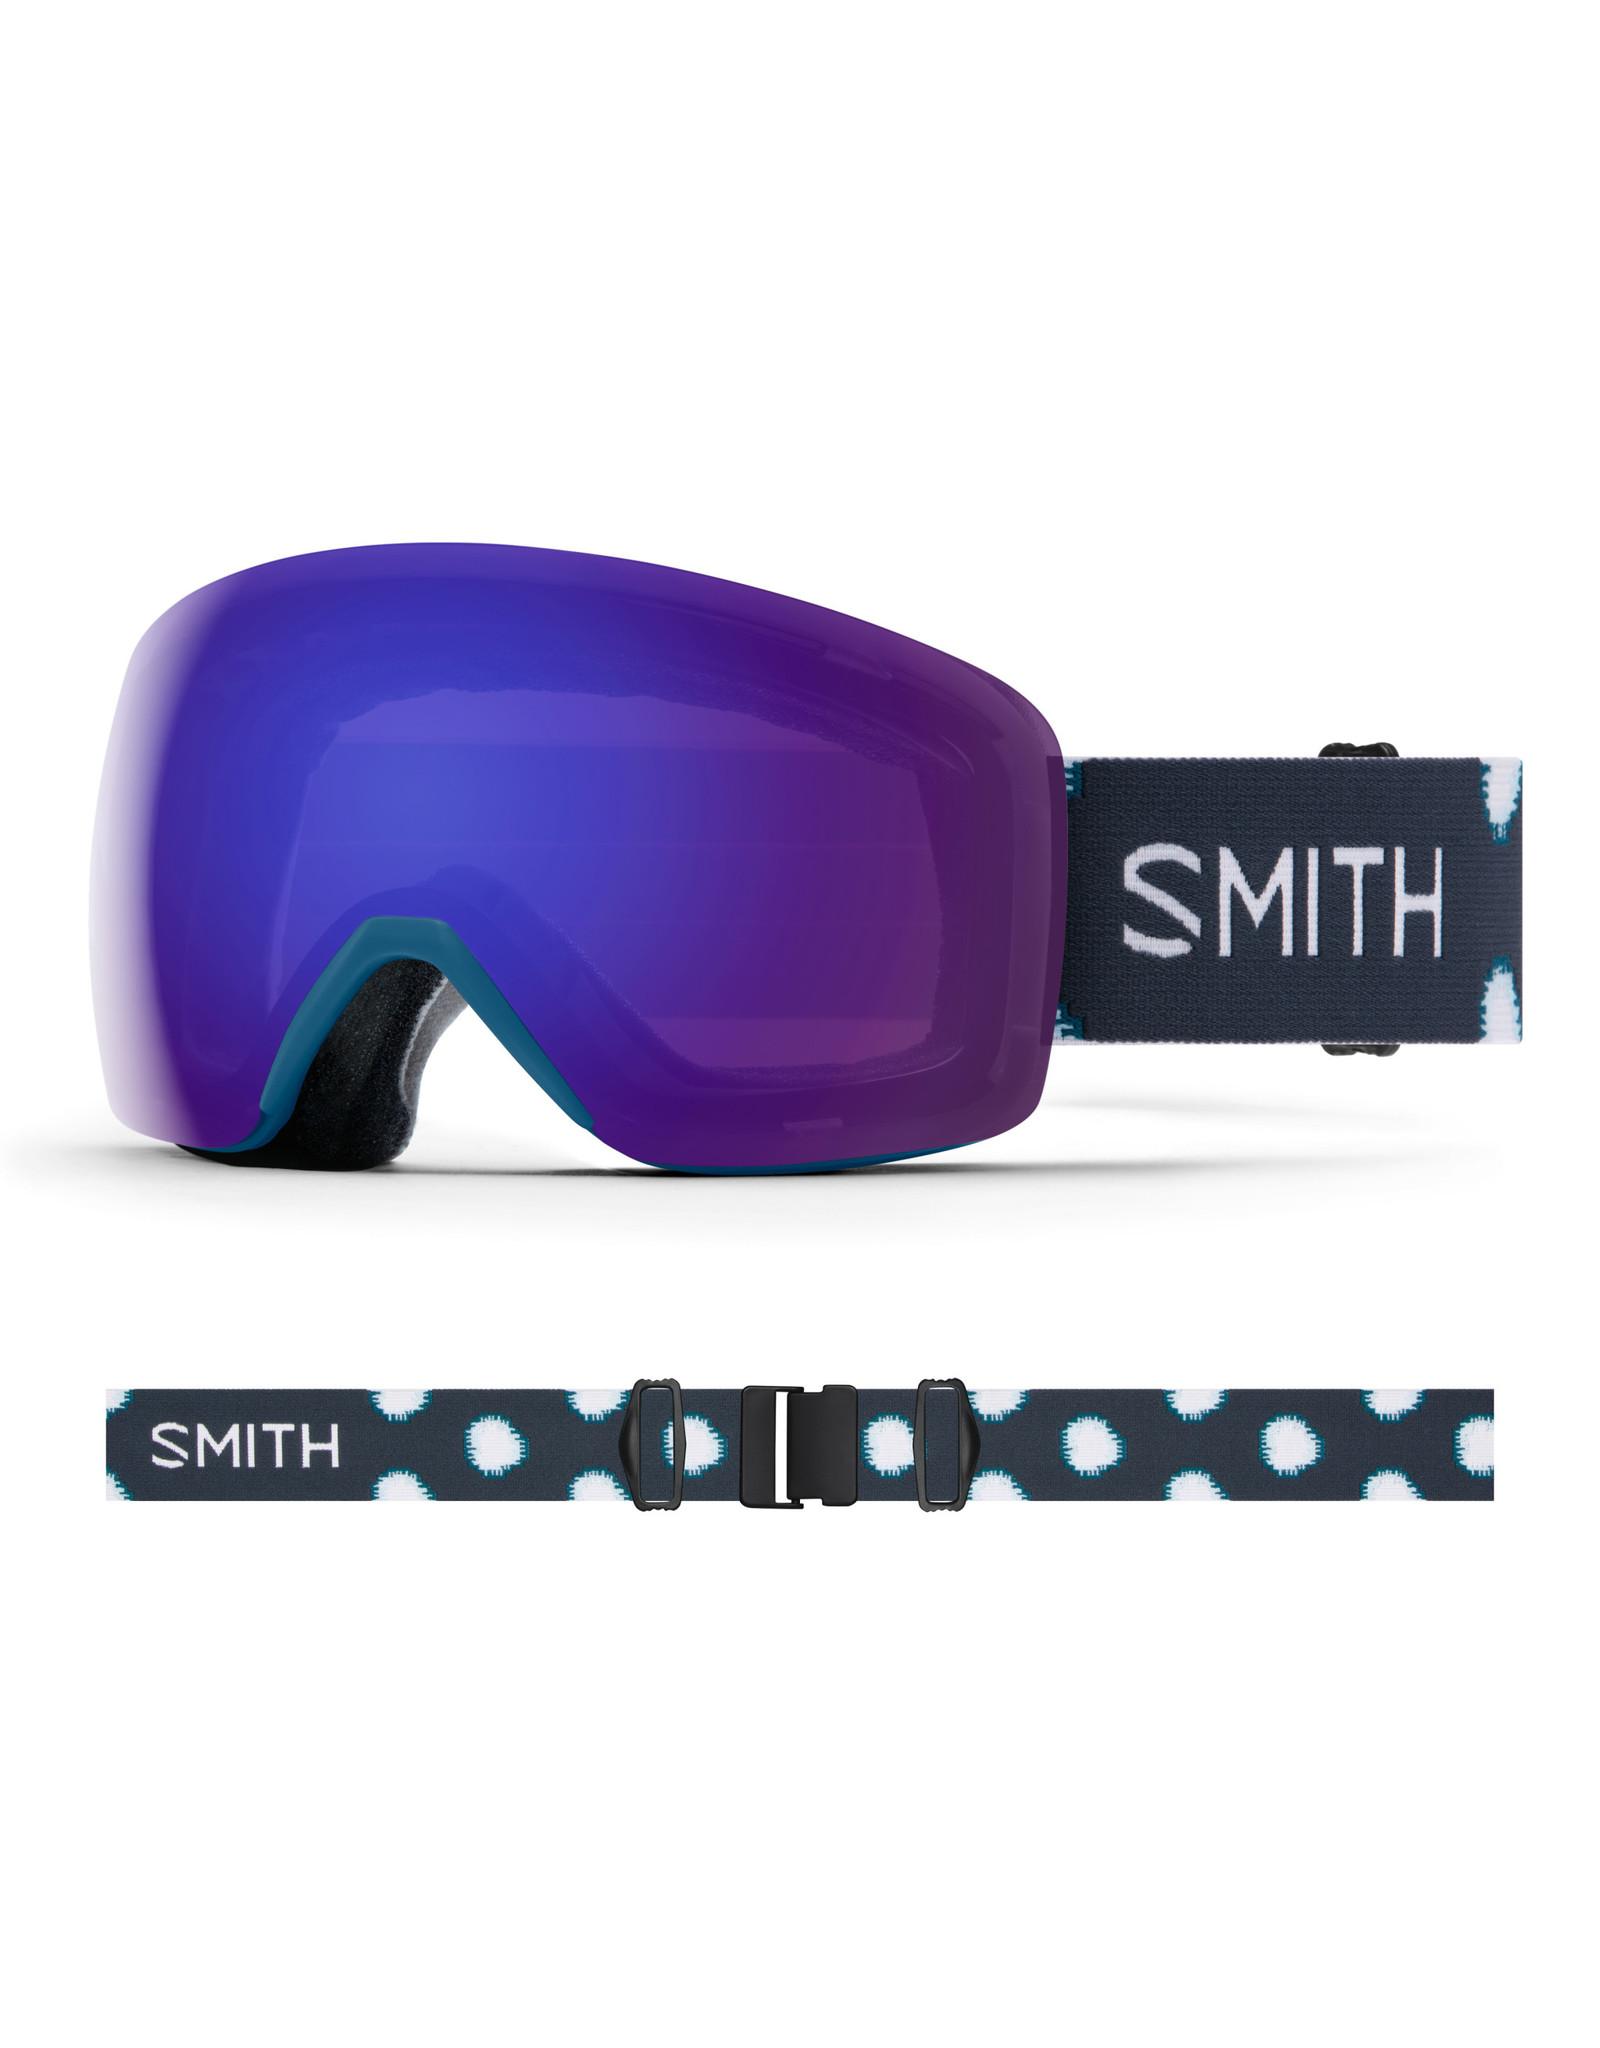 Smith SMITH SKYLINE MERIDIAN IKAT 20 SKI GOGGLE